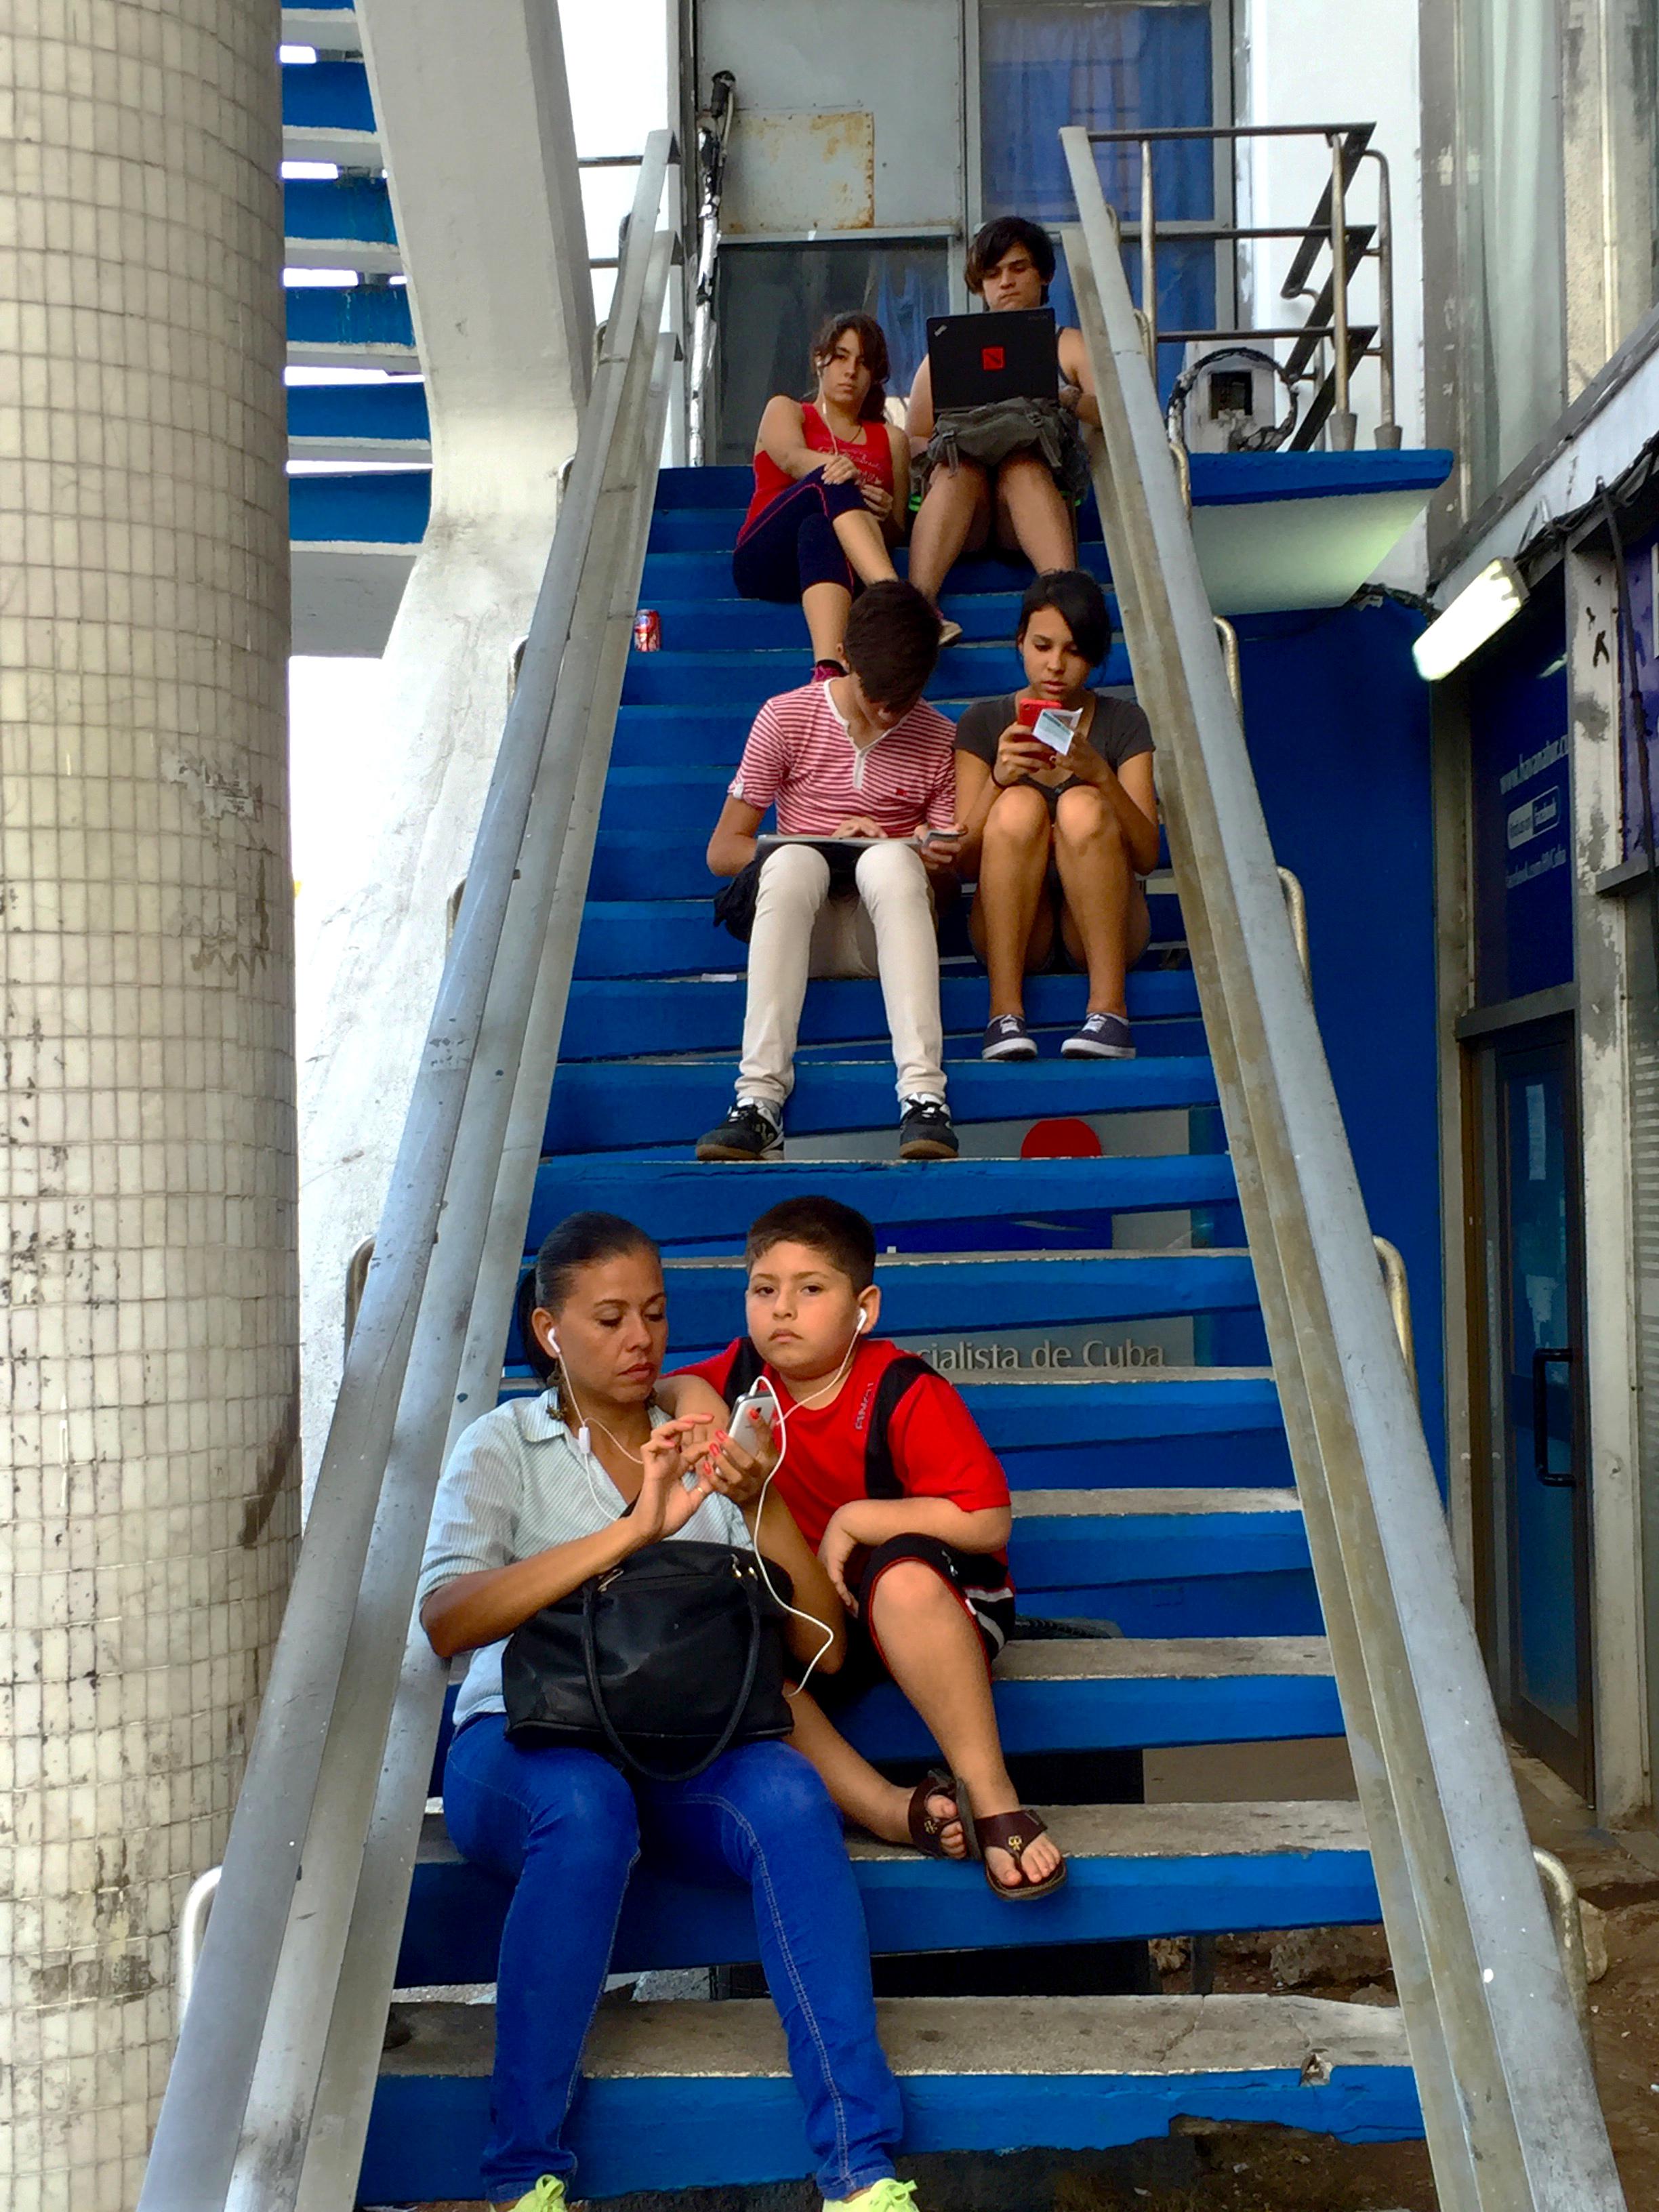 Cubans using a wifi hotspot